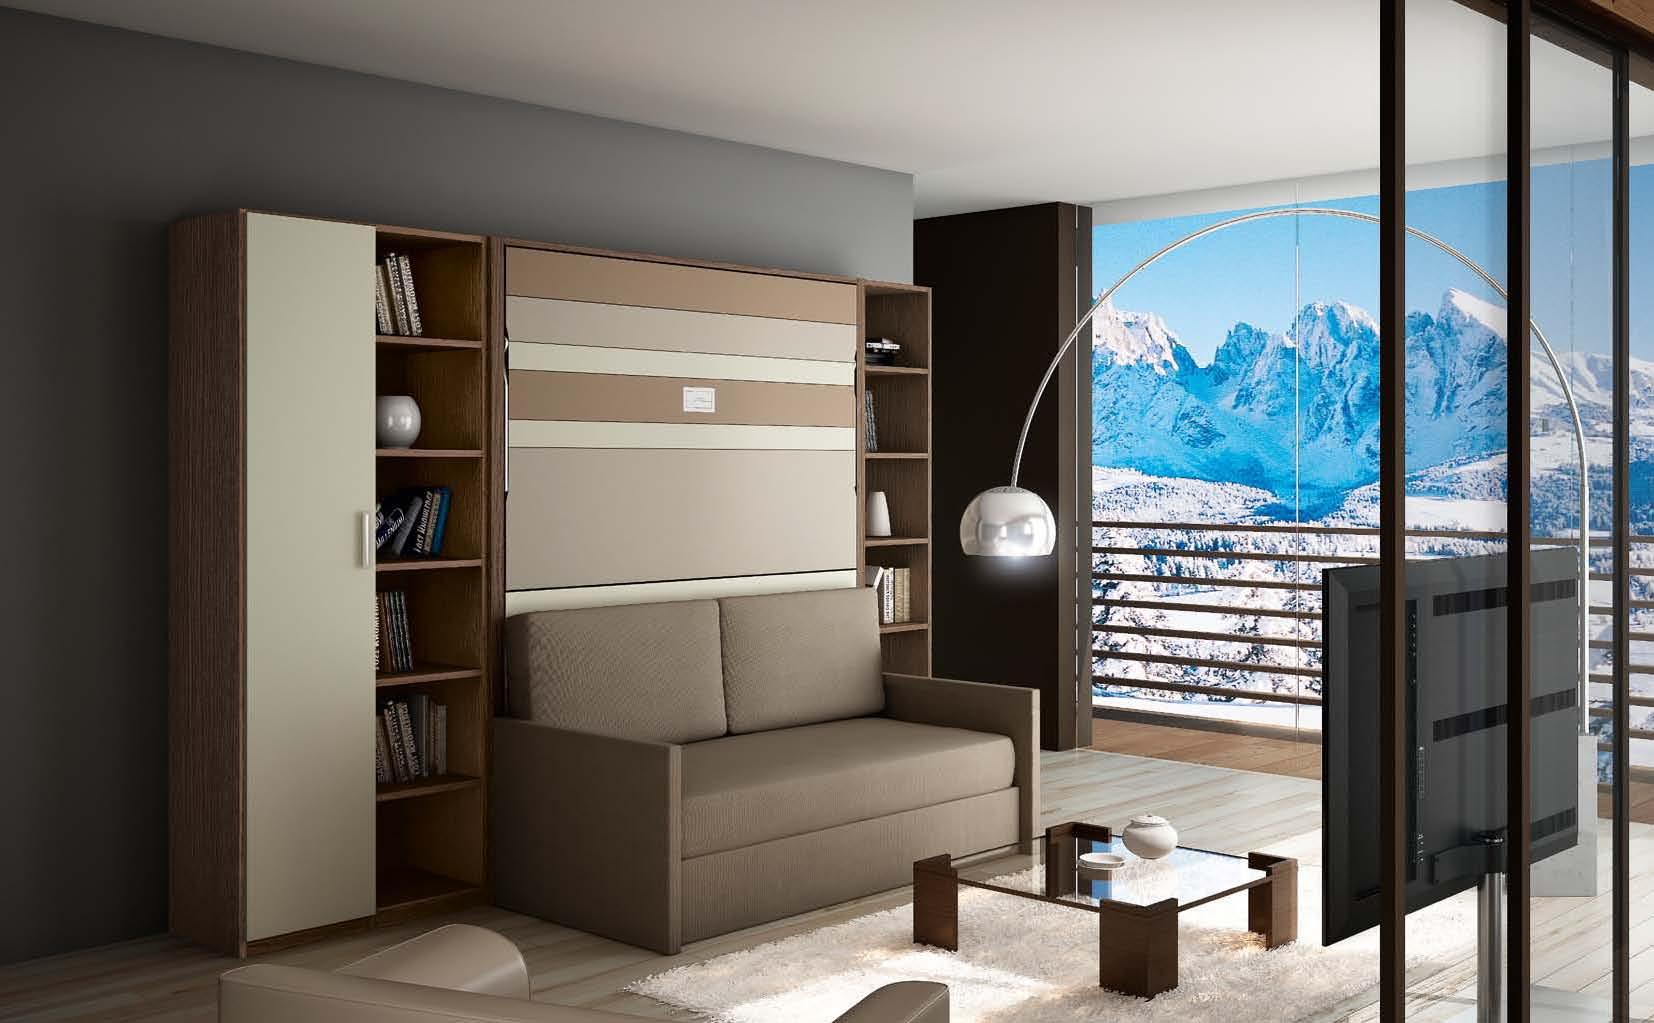 Idee arredamento casa interior design homify for Arredamento salvaspazio mobili multifunzionali